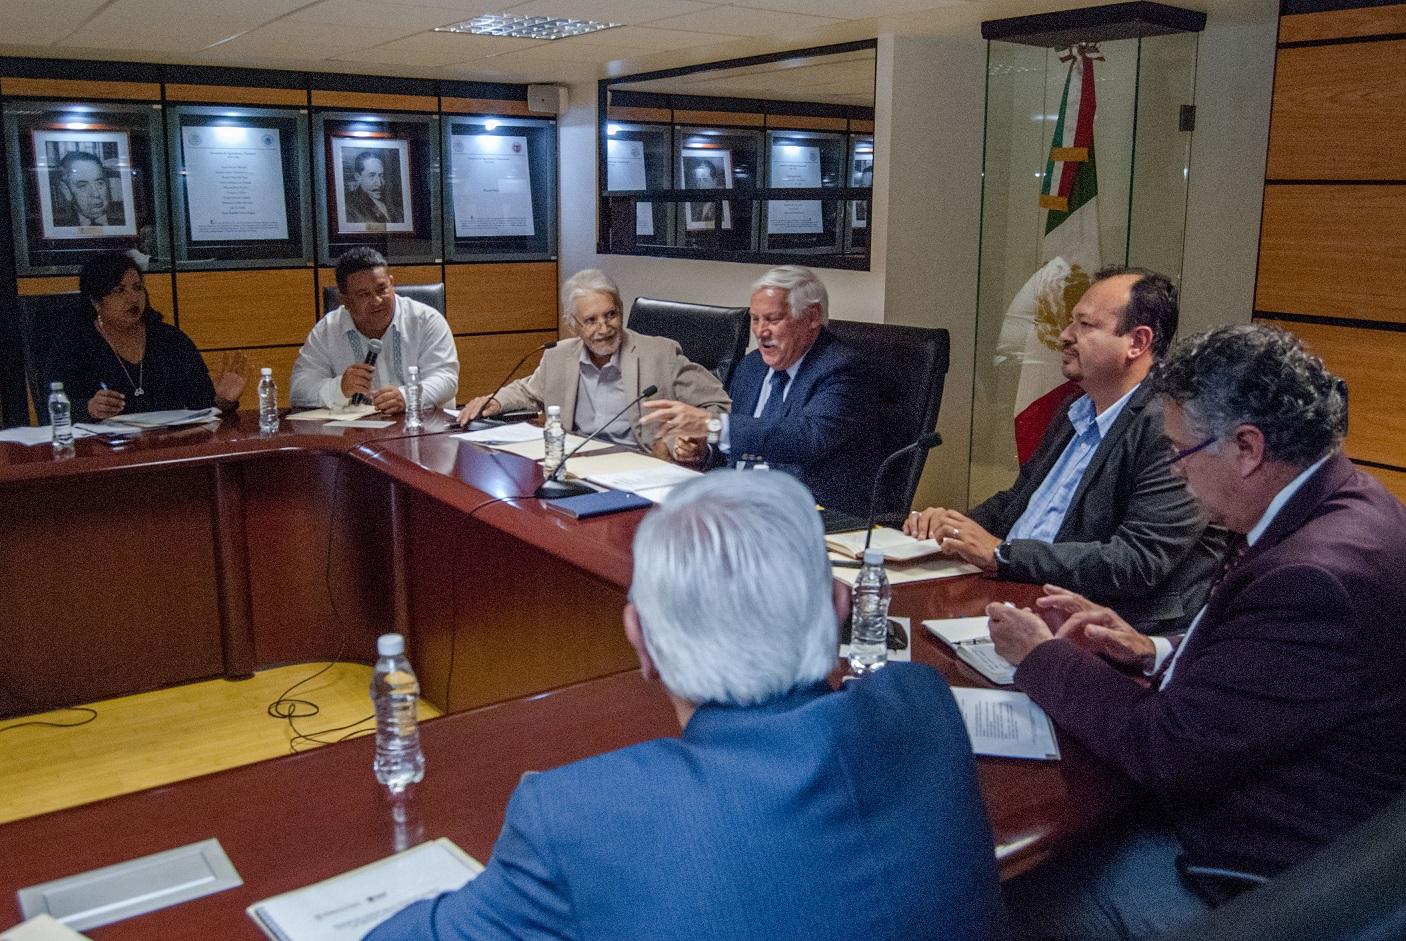 Se integrará una mesa de trabajo para fortalecer los programas en materia de pesca y acuacultura  y avanzar hacia la autosuficiencia alimentaria.